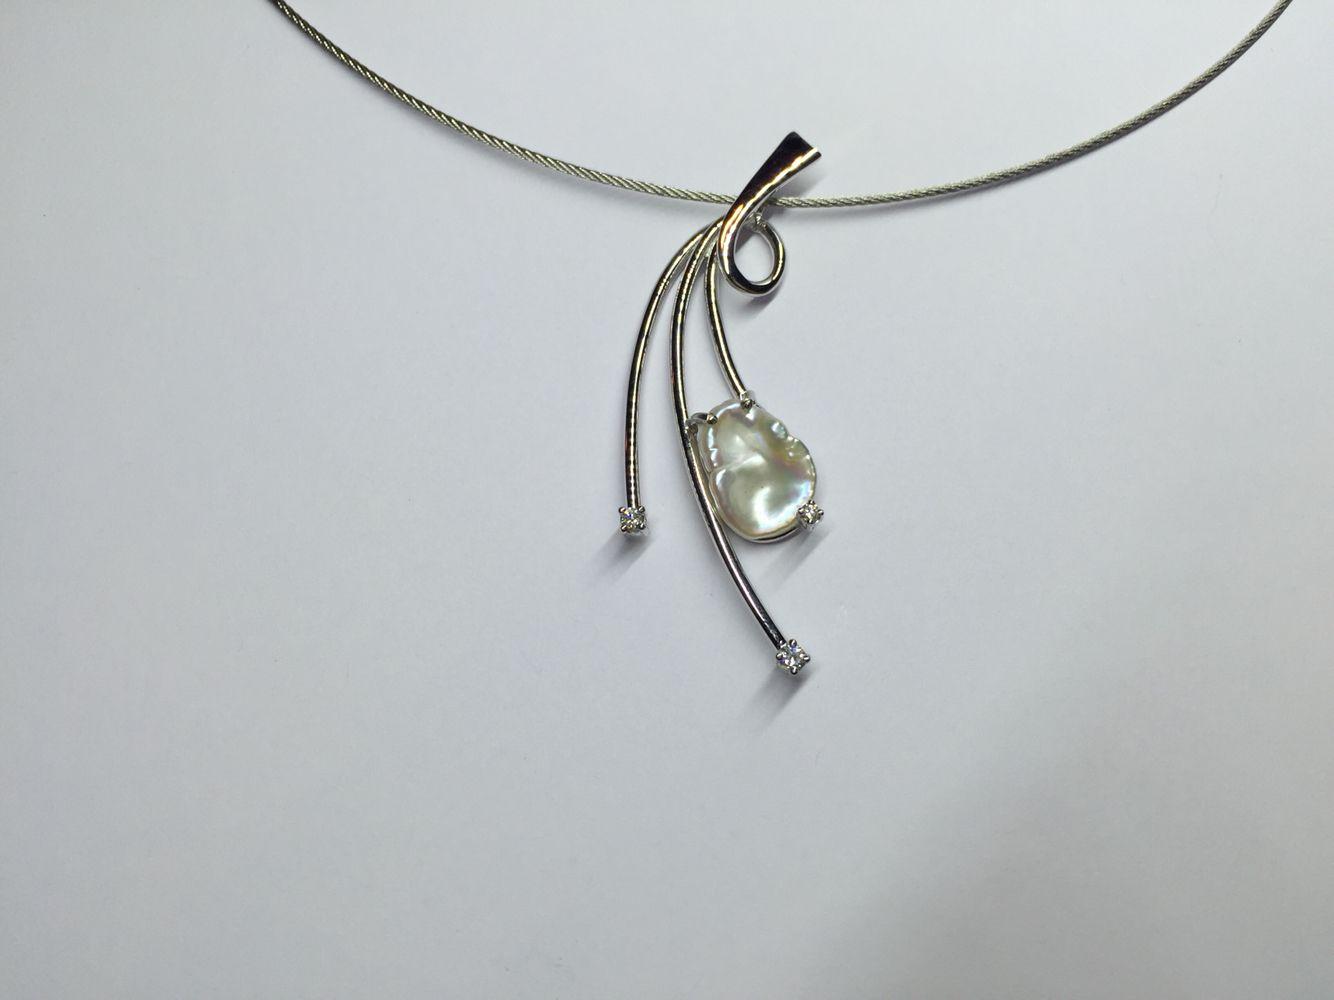 Wit gouden hanger met zoetwaterparel en diamanten. hansnagy.be